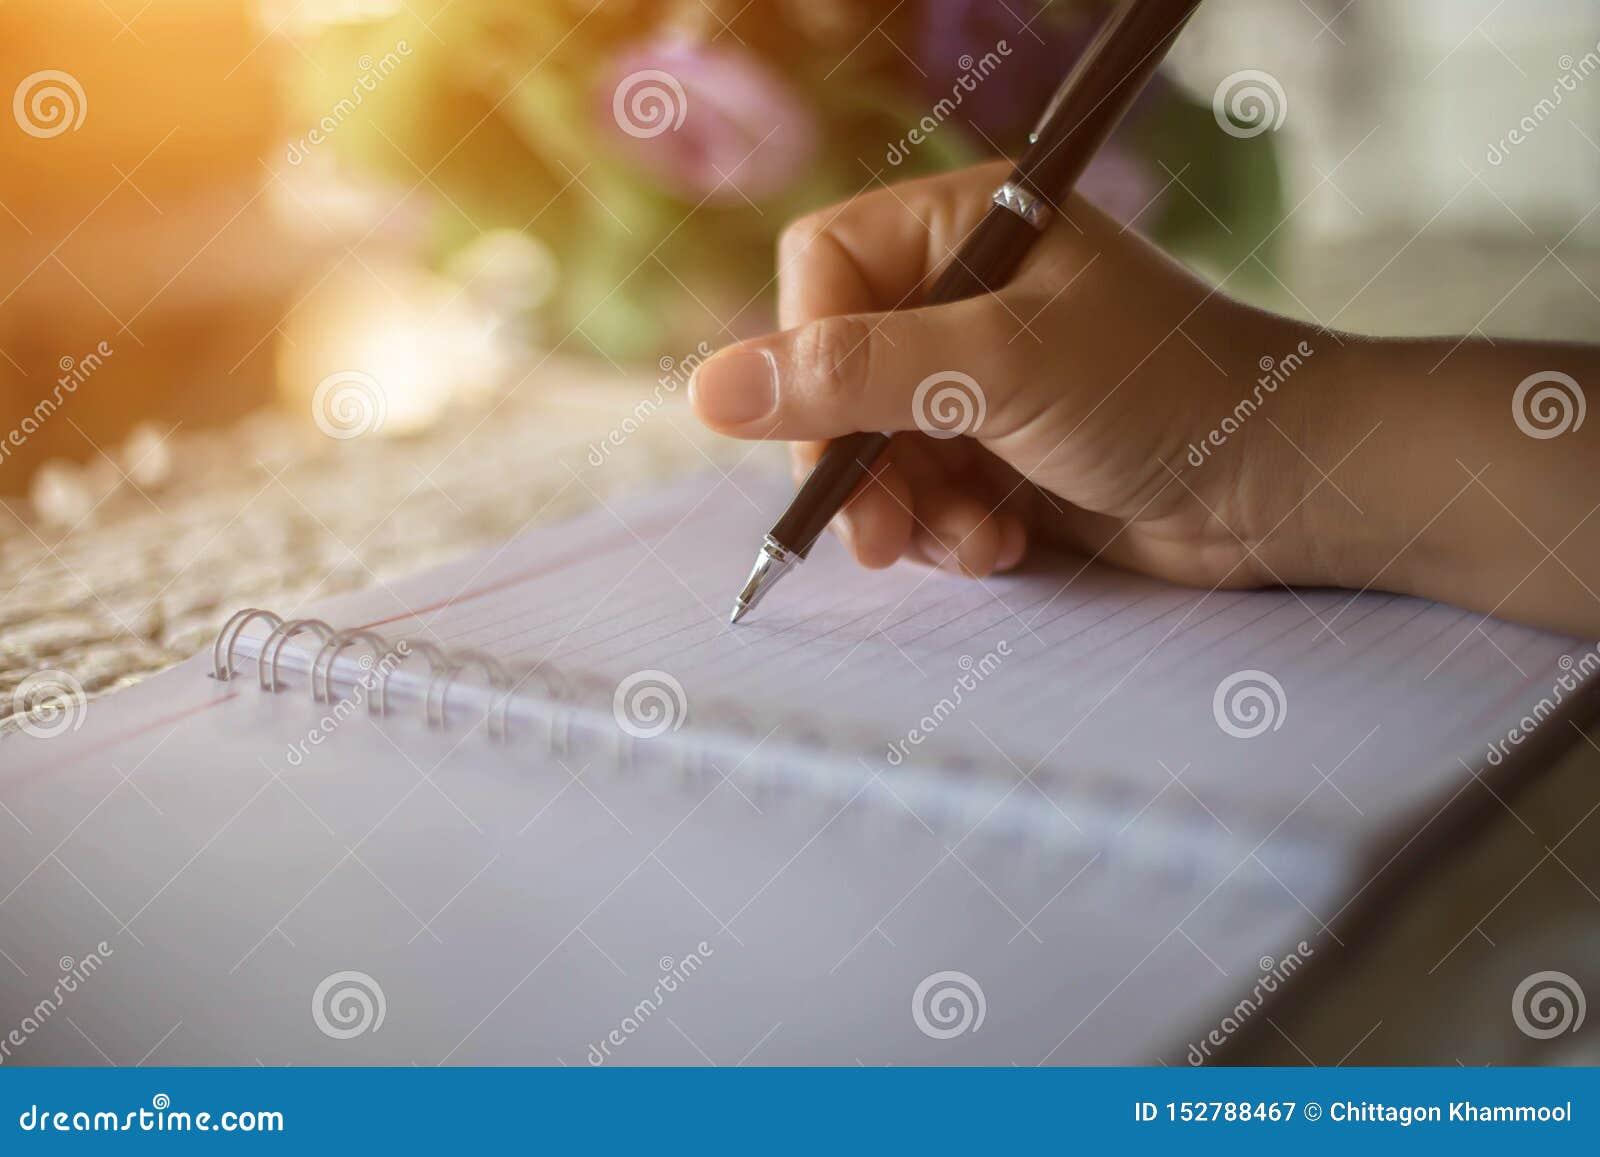 Weibliche H?nde mit Stiftschreiben auf Notizbuch